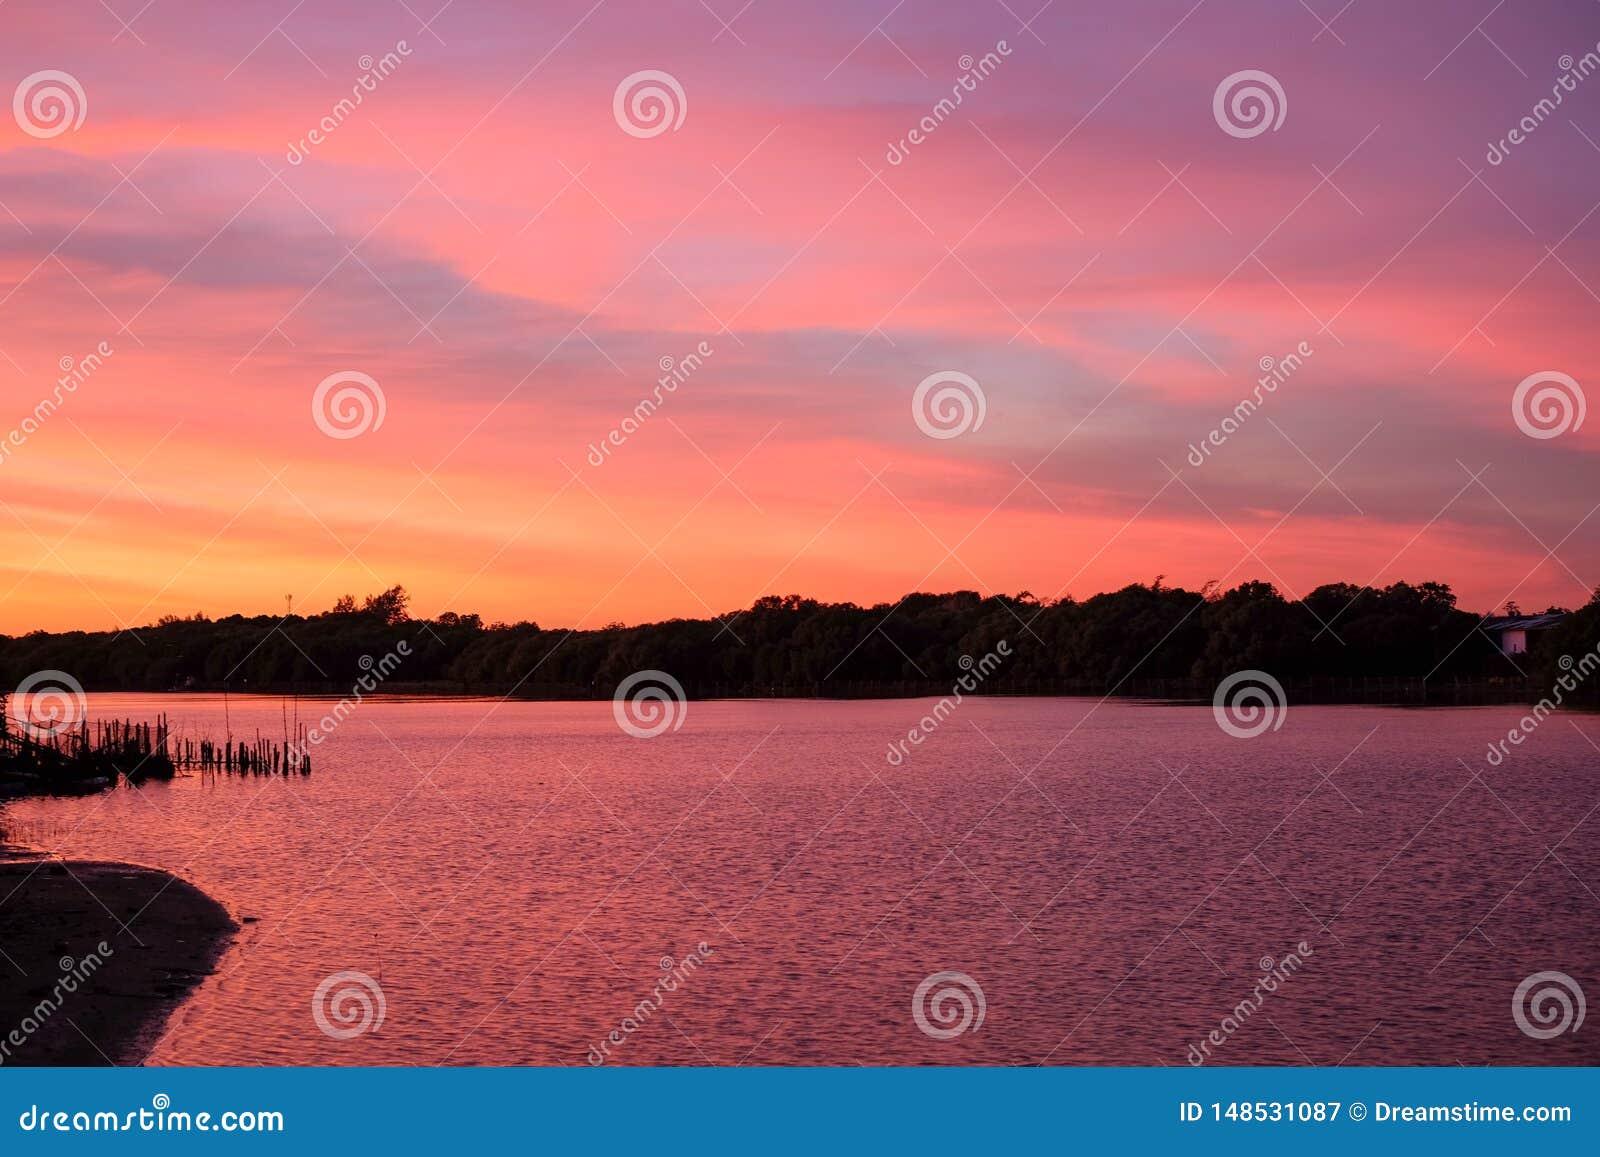 Ρόδινος ουρανός, ρόδινη θάλασσα στην Ταϊλάνδη